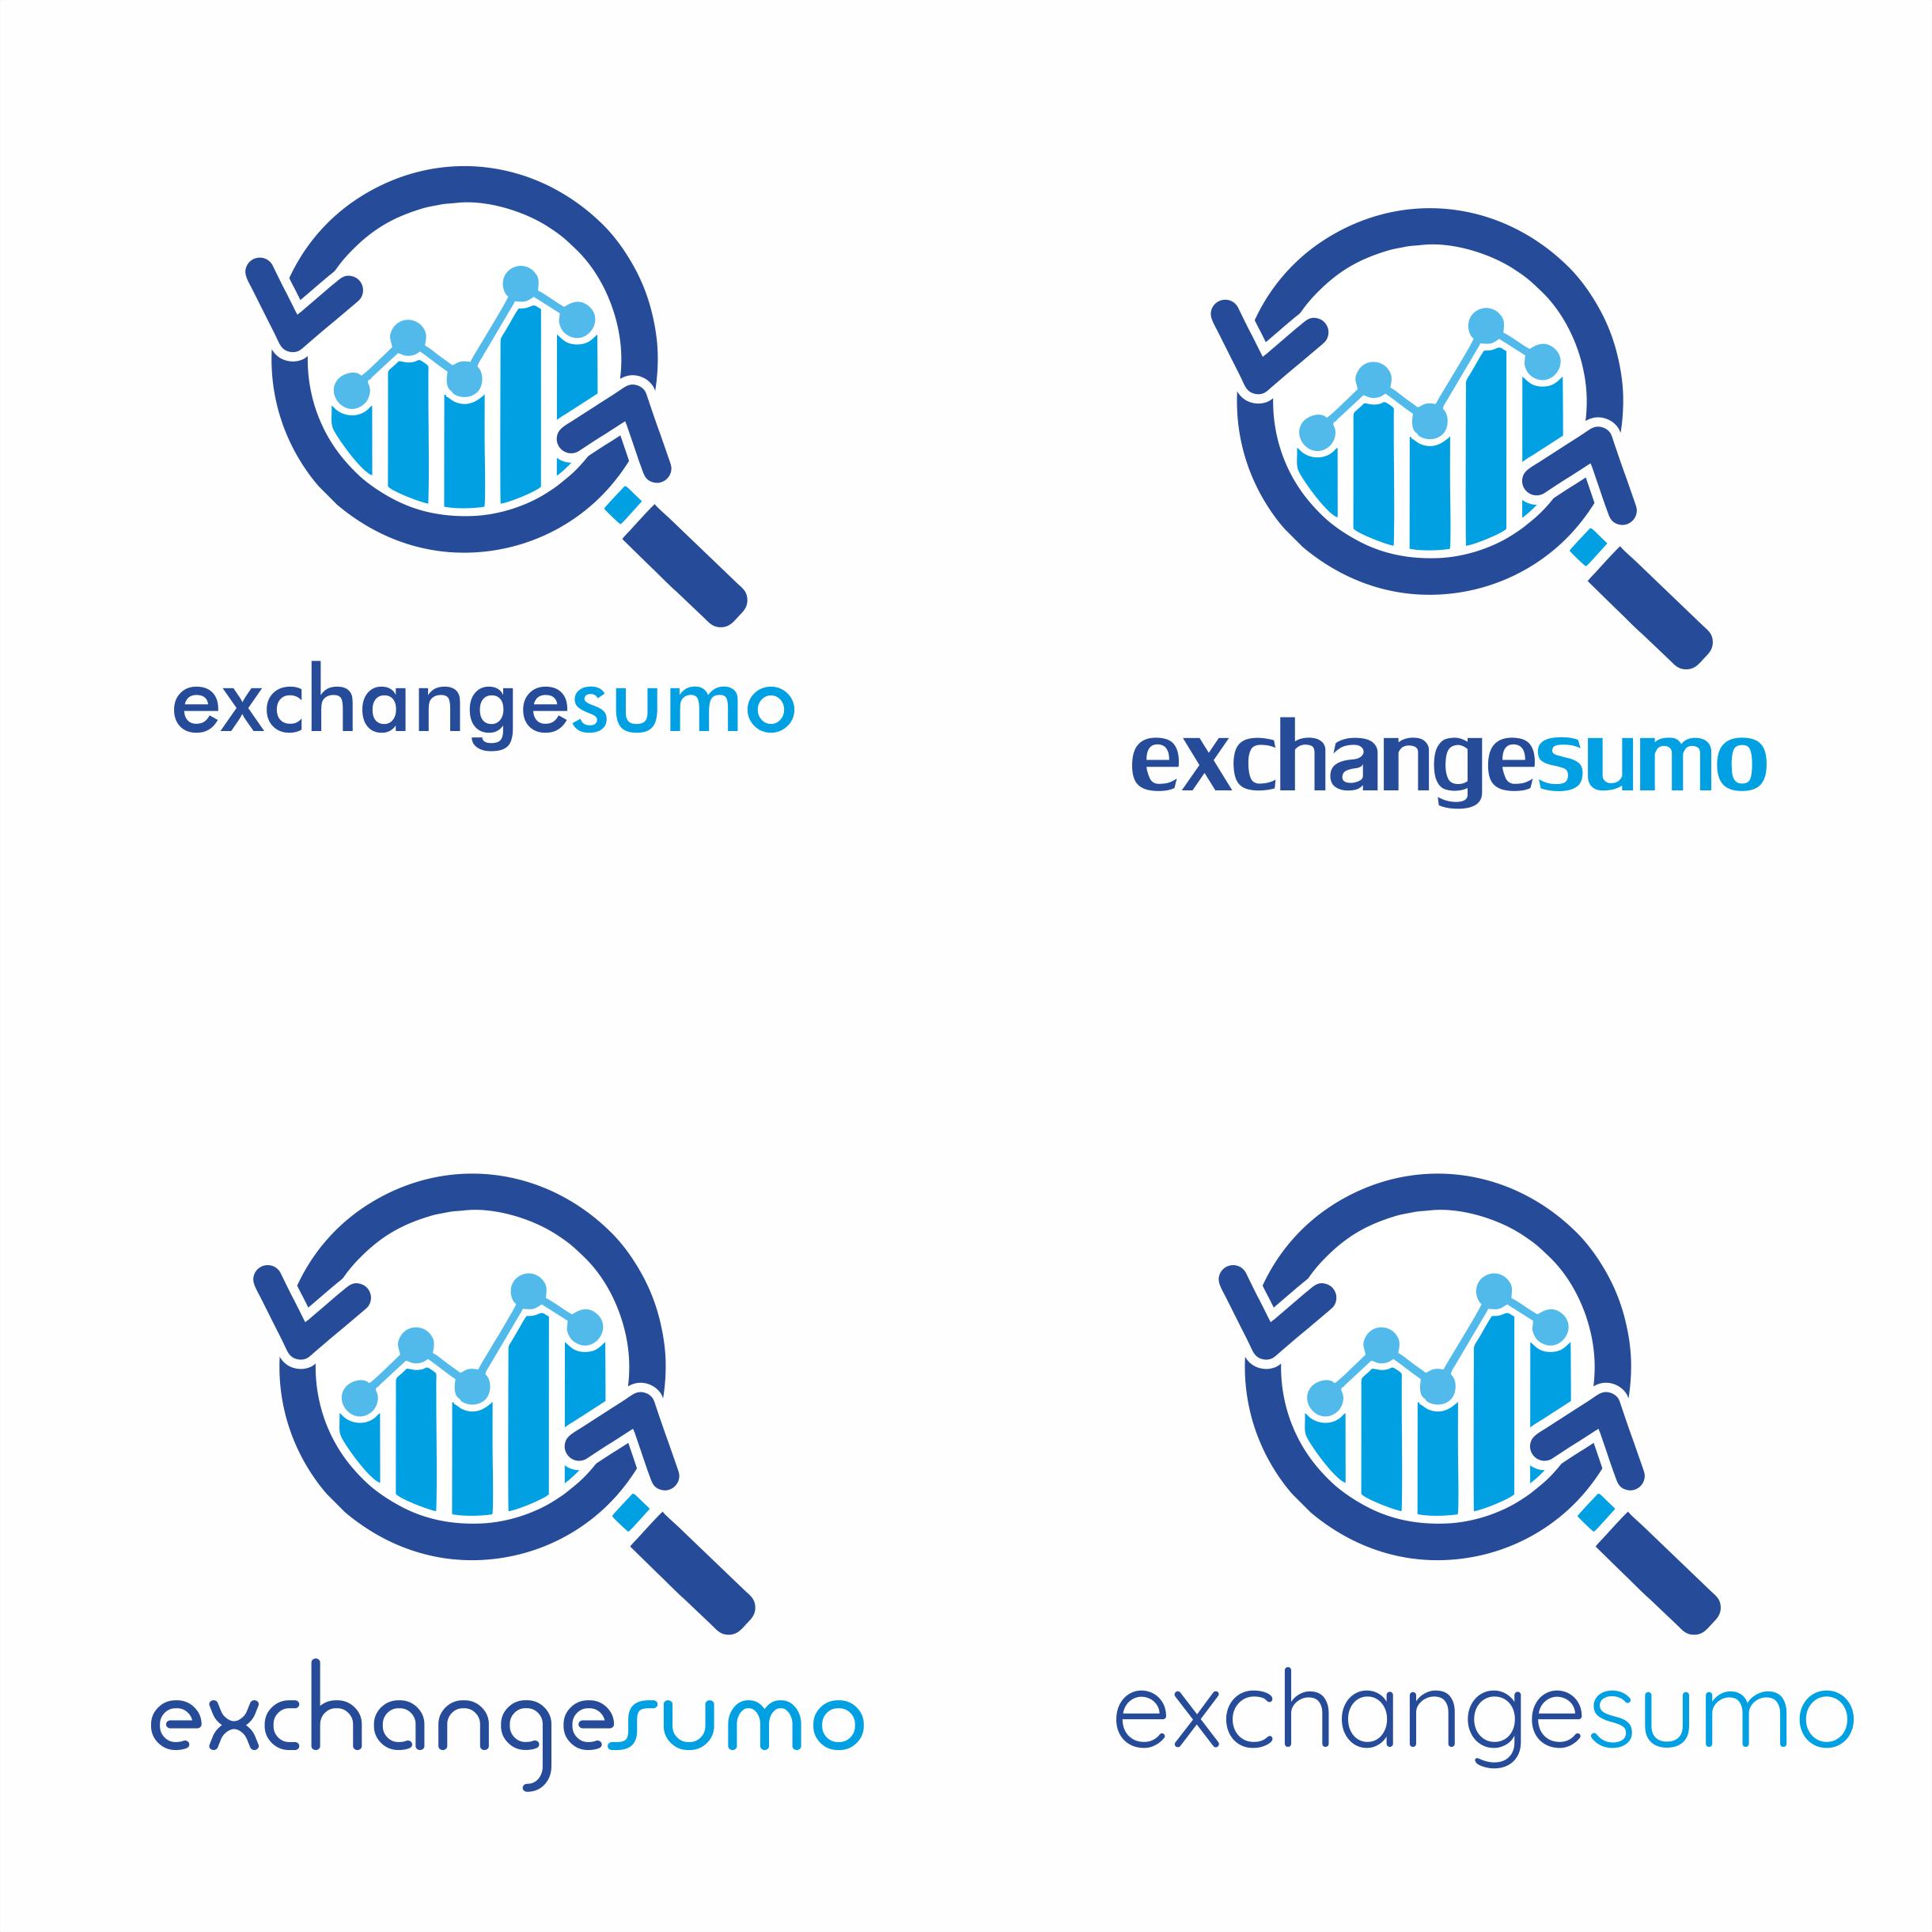 Логотип для мониторинга обменников фото f_1935bae04903c0b7.png